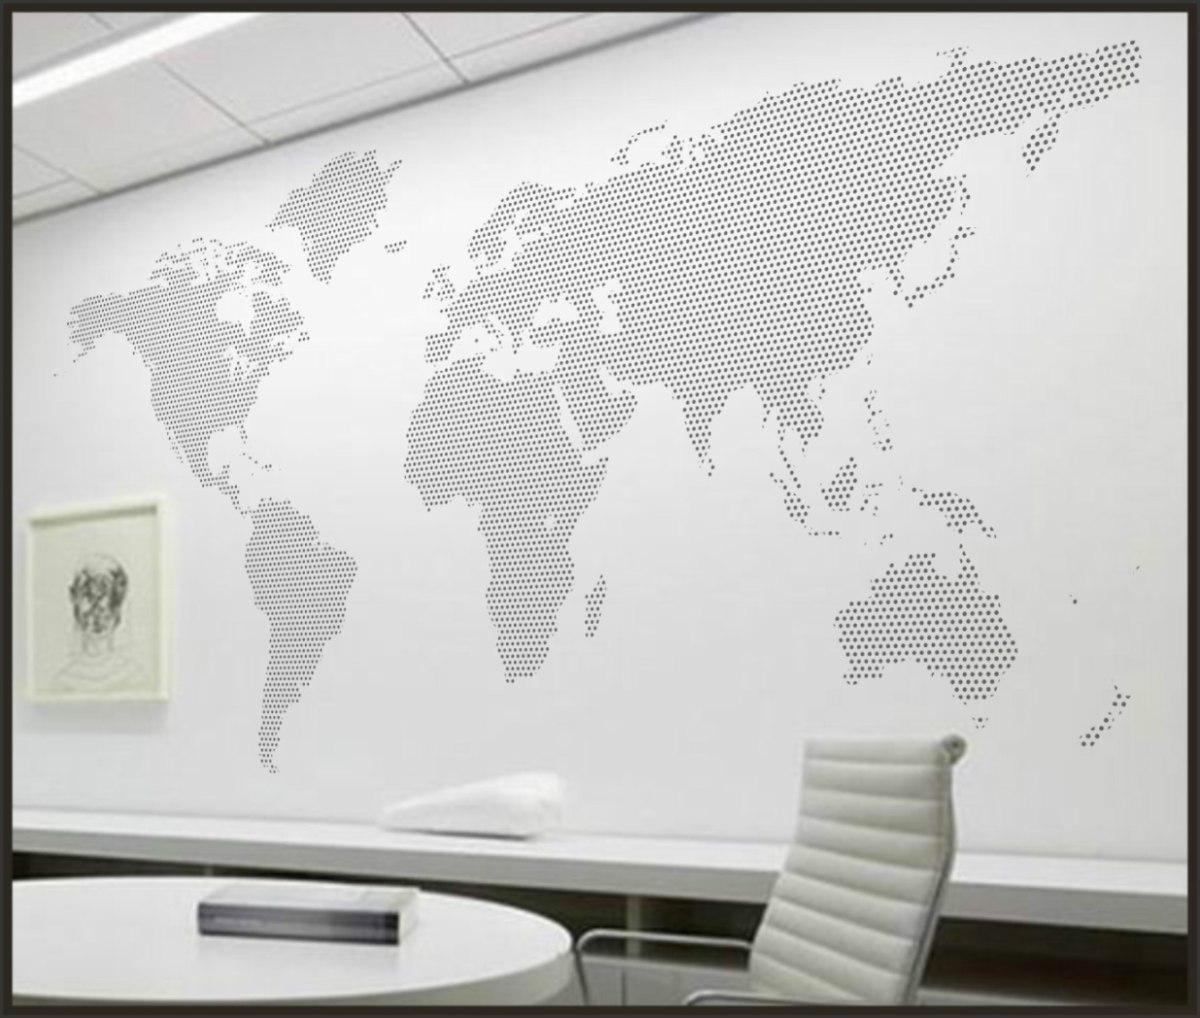 Adesivo De Parede Espelhado ~ Adesivo Decorativo Para Paredes, Mapa Mundi Poá Tam M R